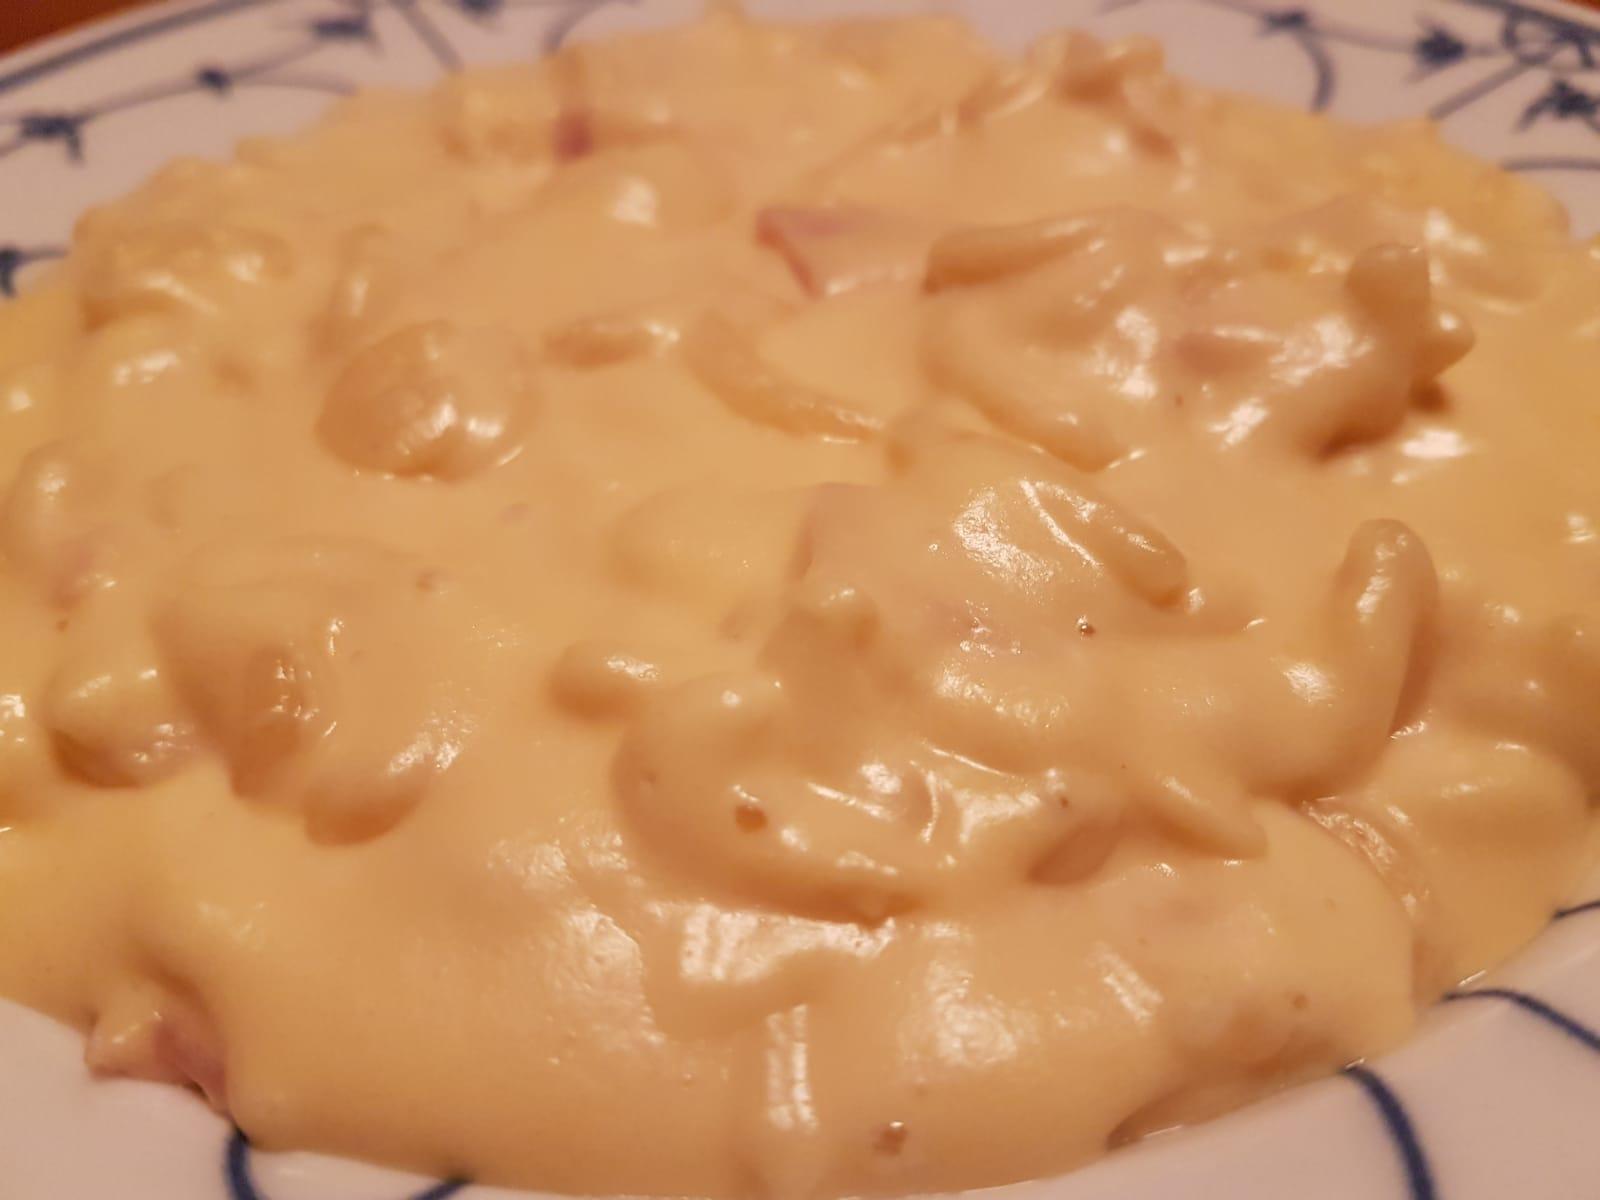 Mac und Cheese aus dem Slow Cooker, ganz einfach mit einem Rezept auf deutsch.